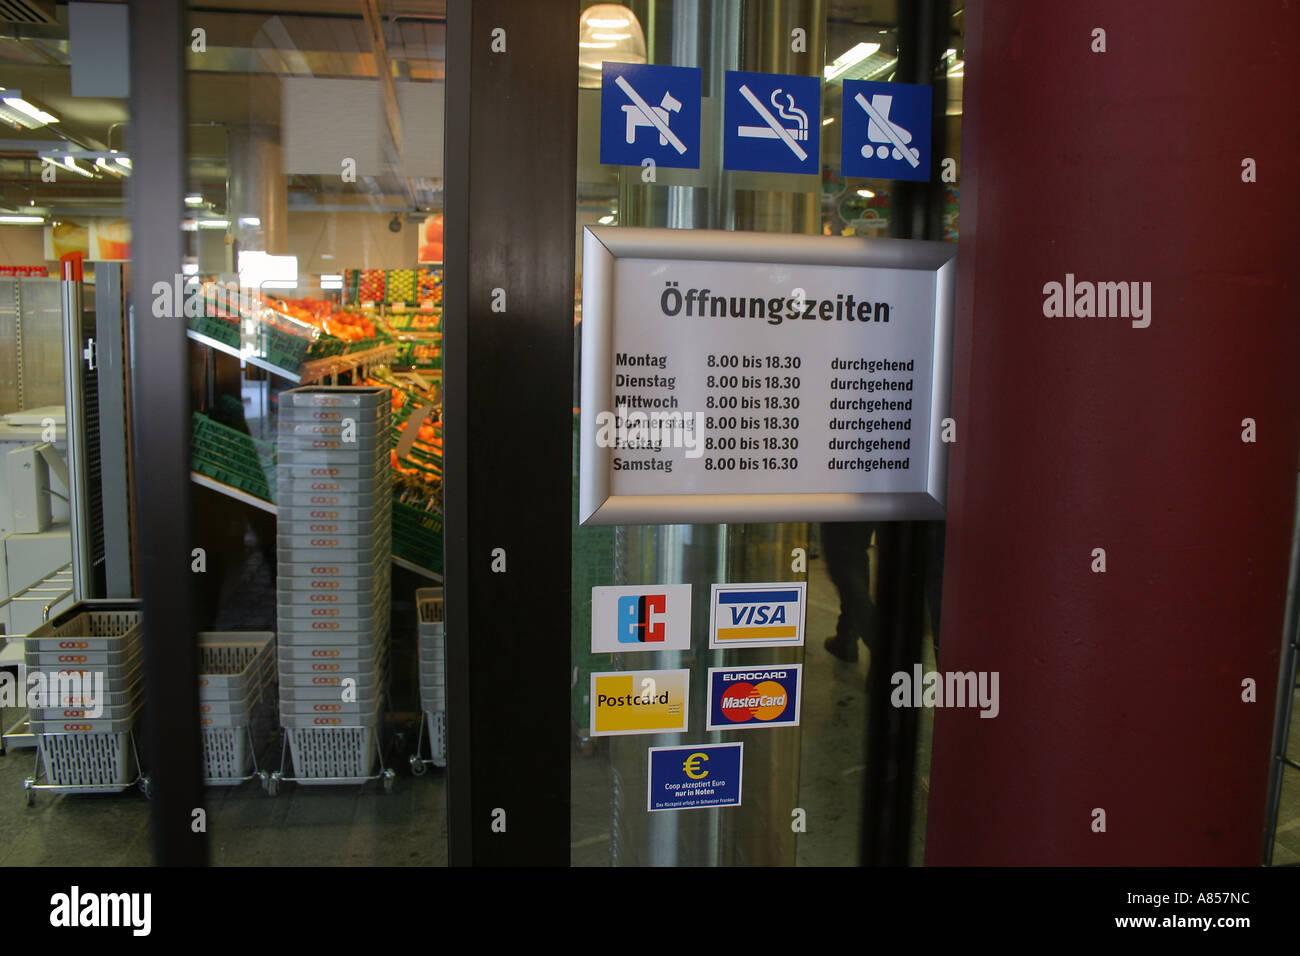 Öffnungszeiten im Shop in der Schweiz, Kreditkarten-Zeichen.  (c) von Uli Nusko, ch-3012 bern Stockbild